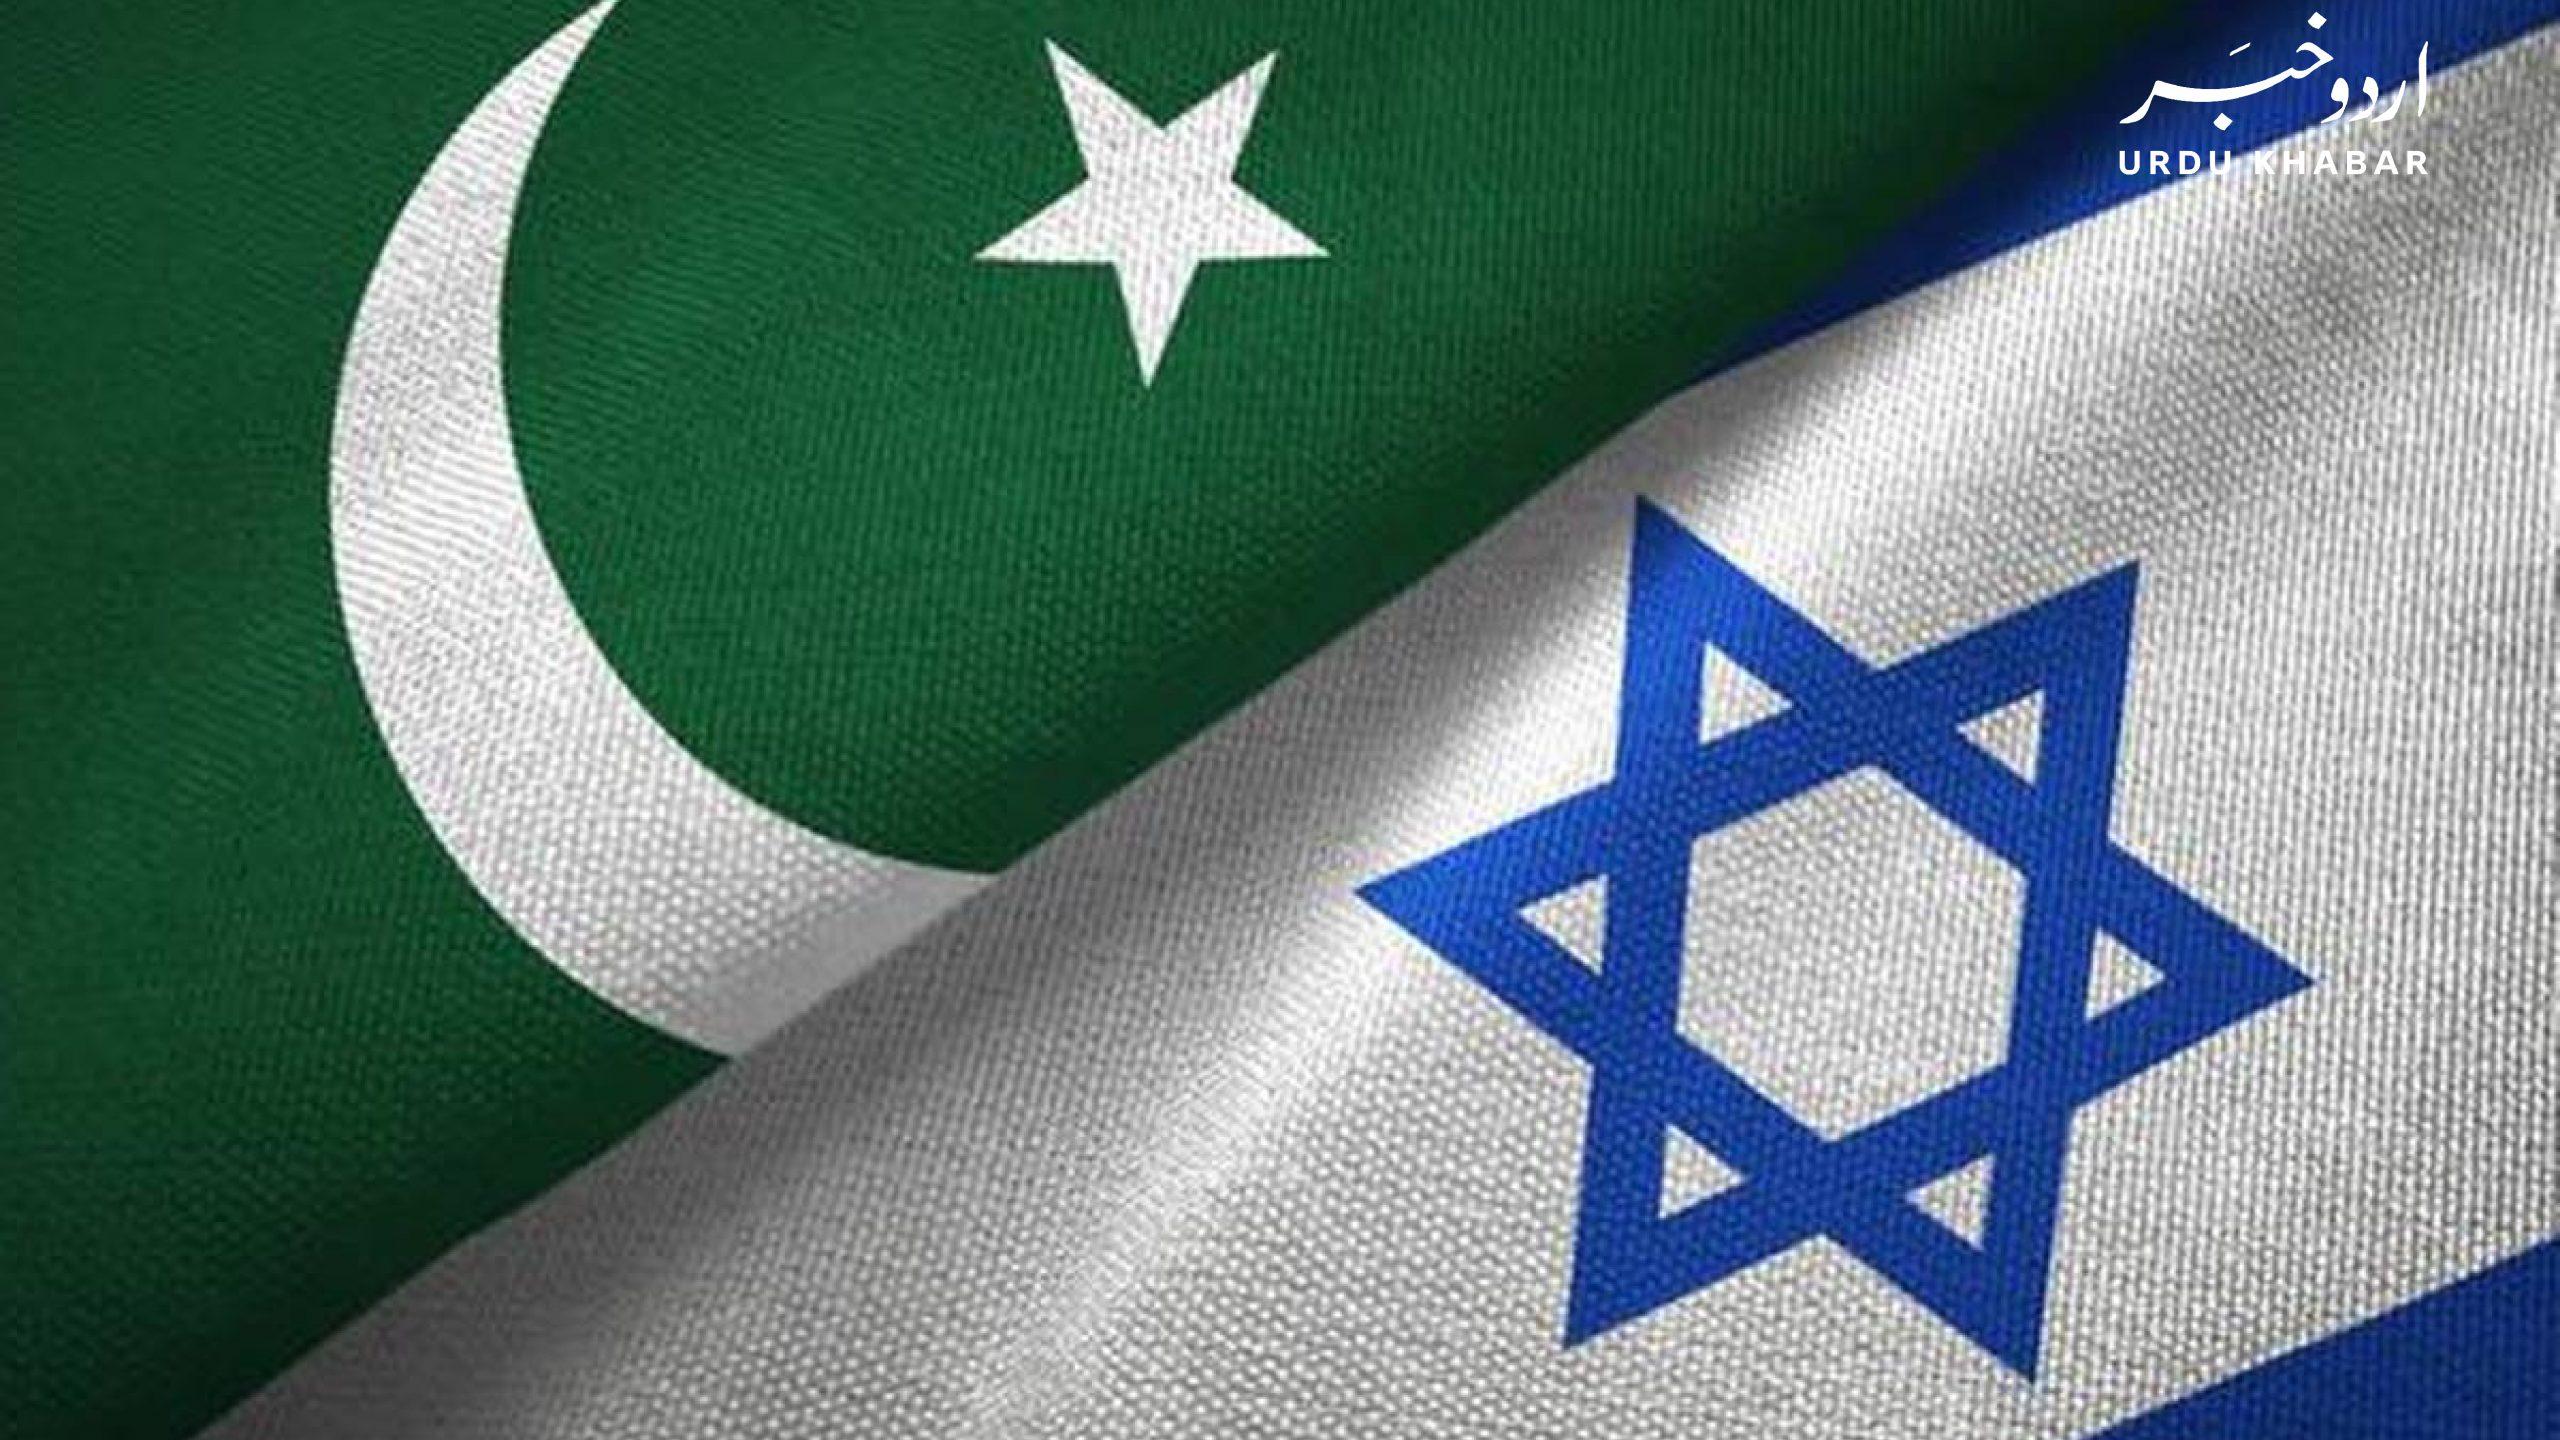 اسرائیل کو تسلیم کرنے کے لئے پاکستان پر دباؤ بڑھ رہا ہے، وزیر اعظم عمران خان